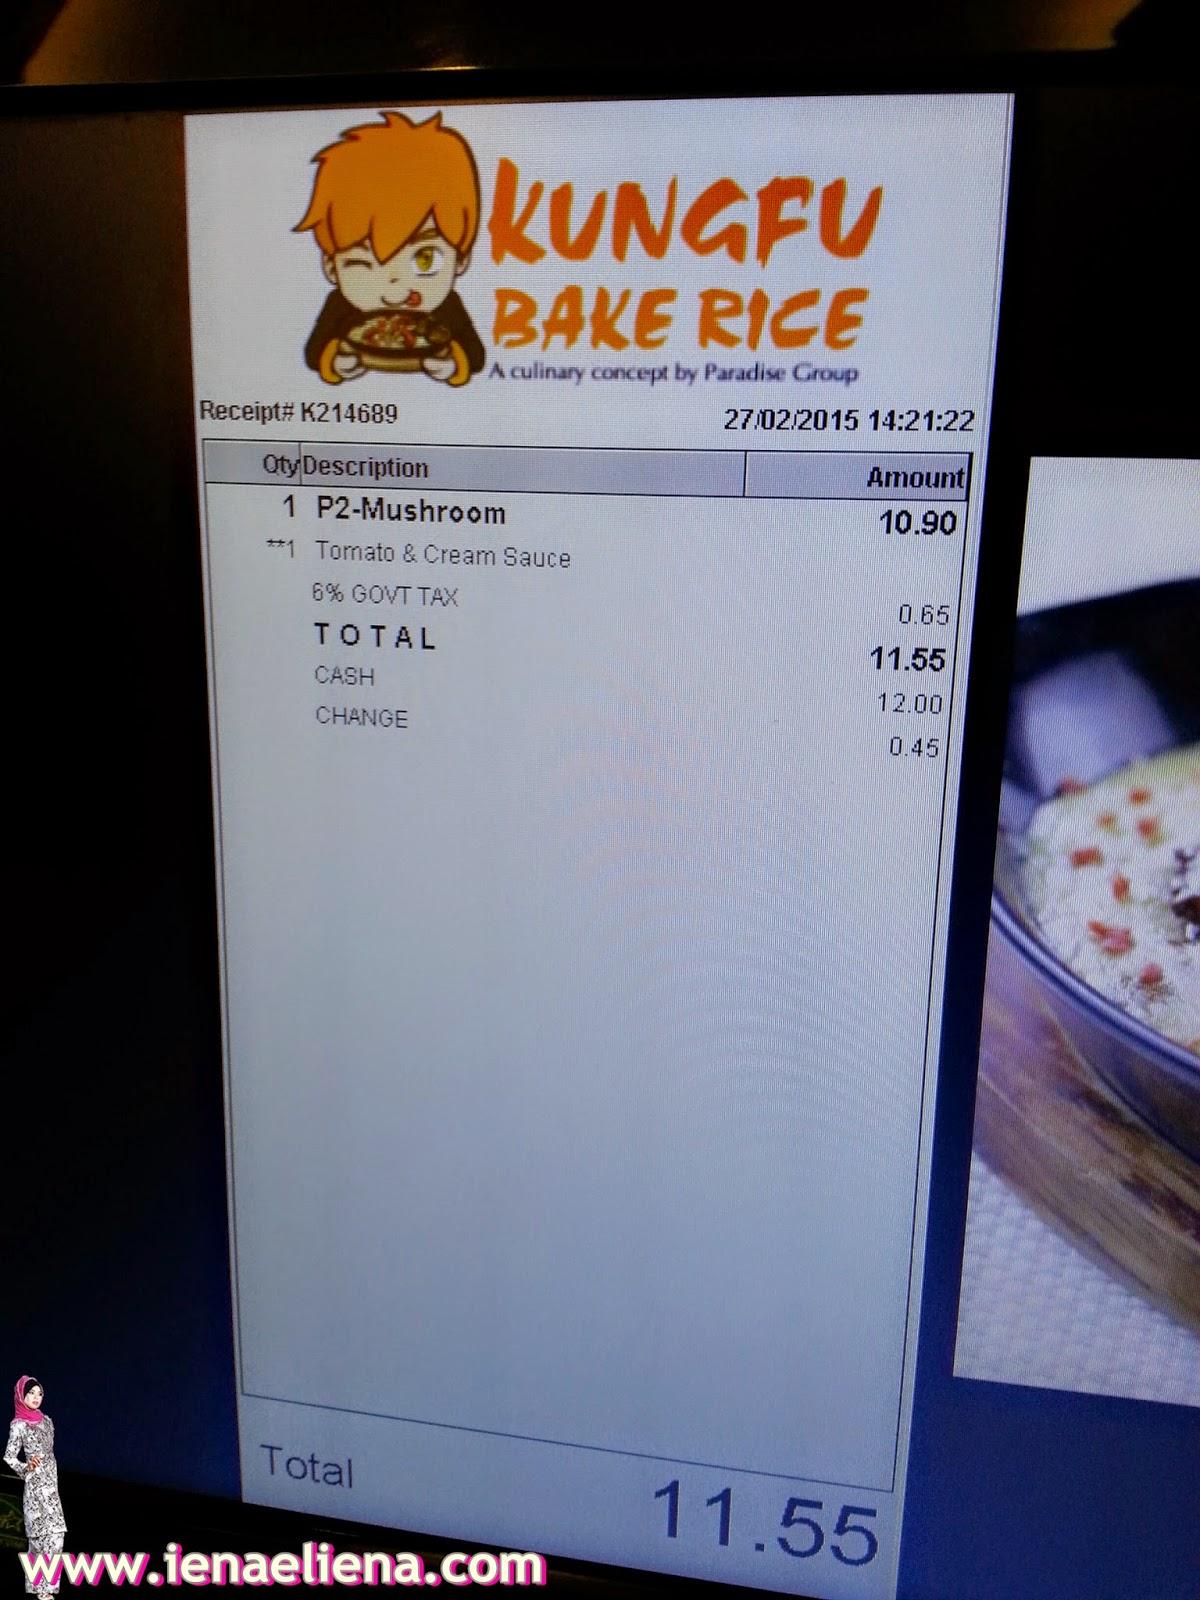 Kungfu Bake Rice KLCC